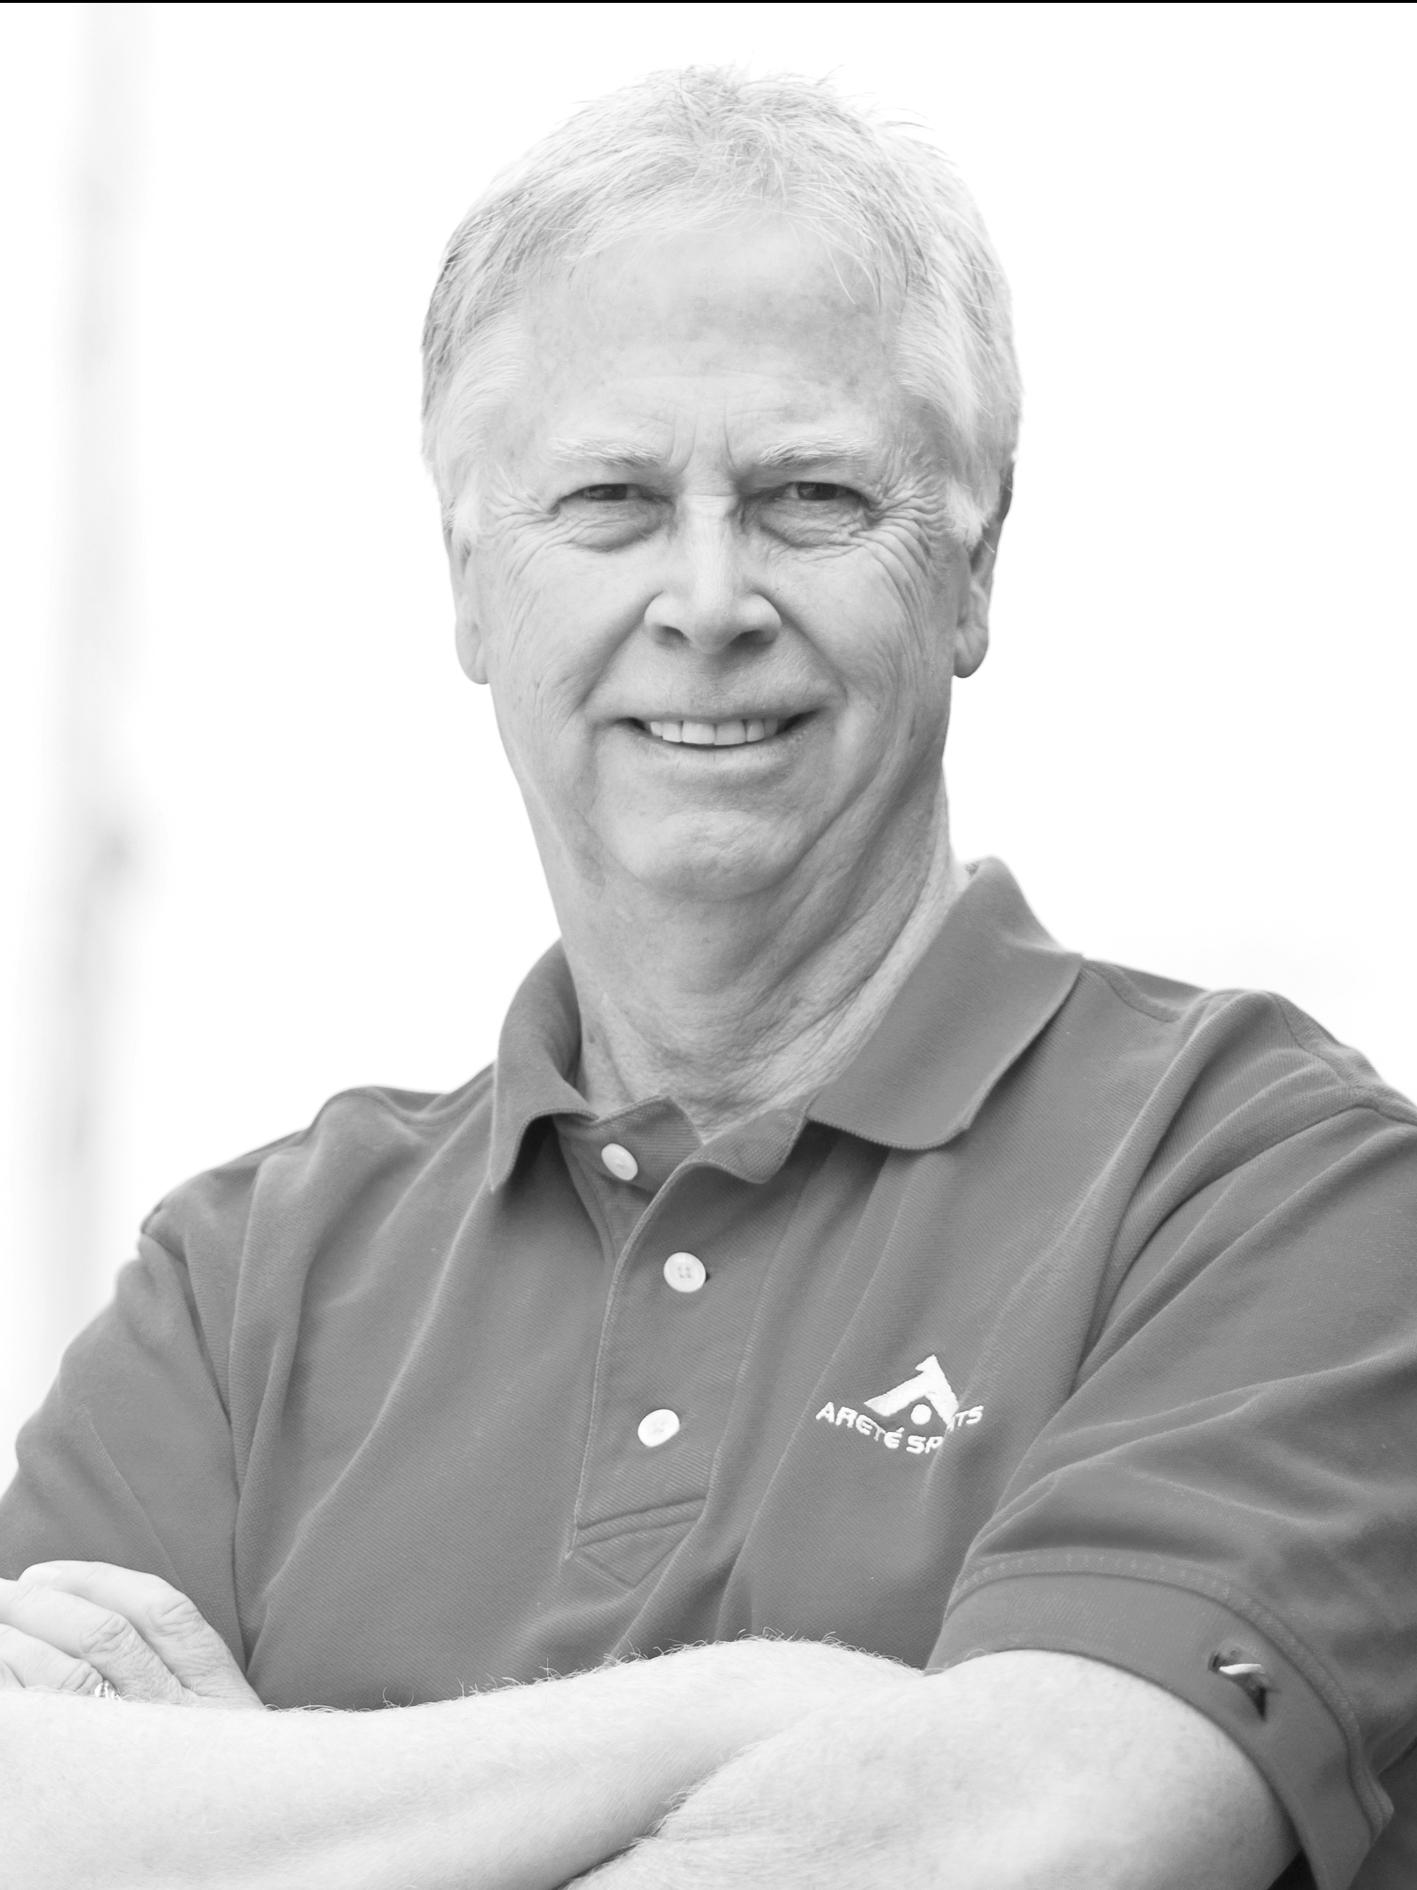 Scott  zählt mit seiner 40-jährigen Erfahrung als Profi-Athlet und als Tennis-Coach im Spitzensport zu den internationalen Experten für flow und Persönlichkeitsentwicklung. Der  Parallele Modus  ist nur einer seiner bahnbrechenden Beiträge zur flow-Praxis. Scott ist ein humorvoller Austauschpartner,  Autor  mehrerer Bücher, Mitbegründer der  Sports, Energy, and Consciousness Group  und vermittelt seine Techniken auch Performance-Profis wie den Navy SEALS.